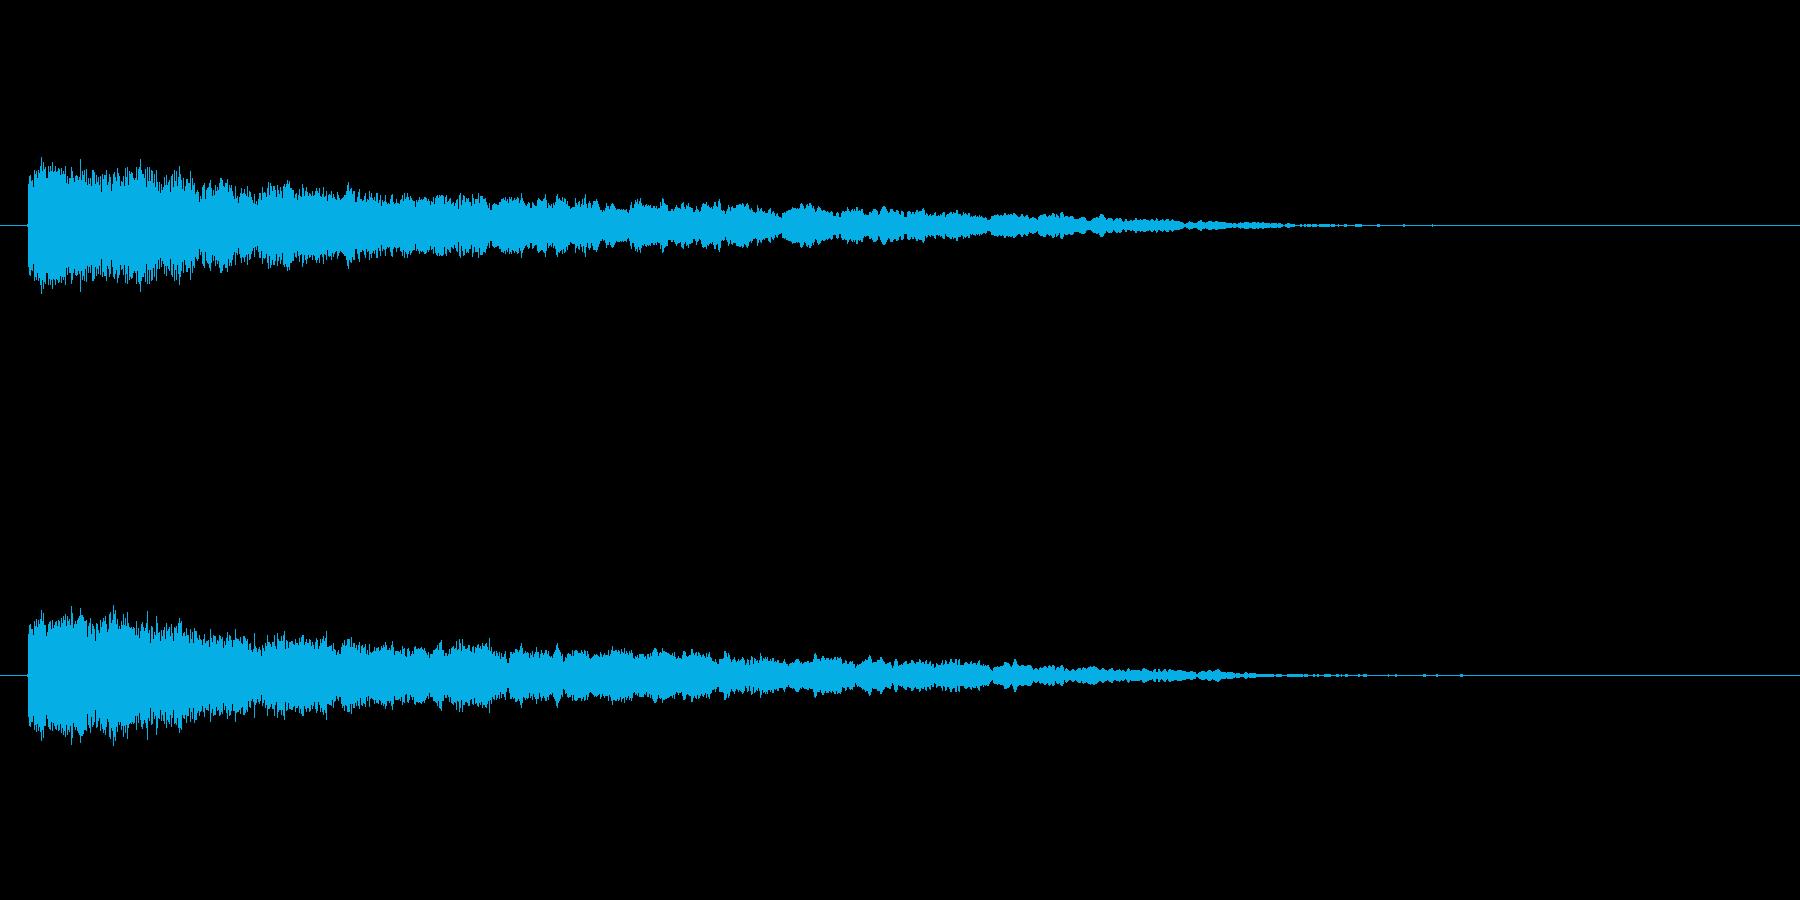 【ネガティブ03-1】の再生済みの波形